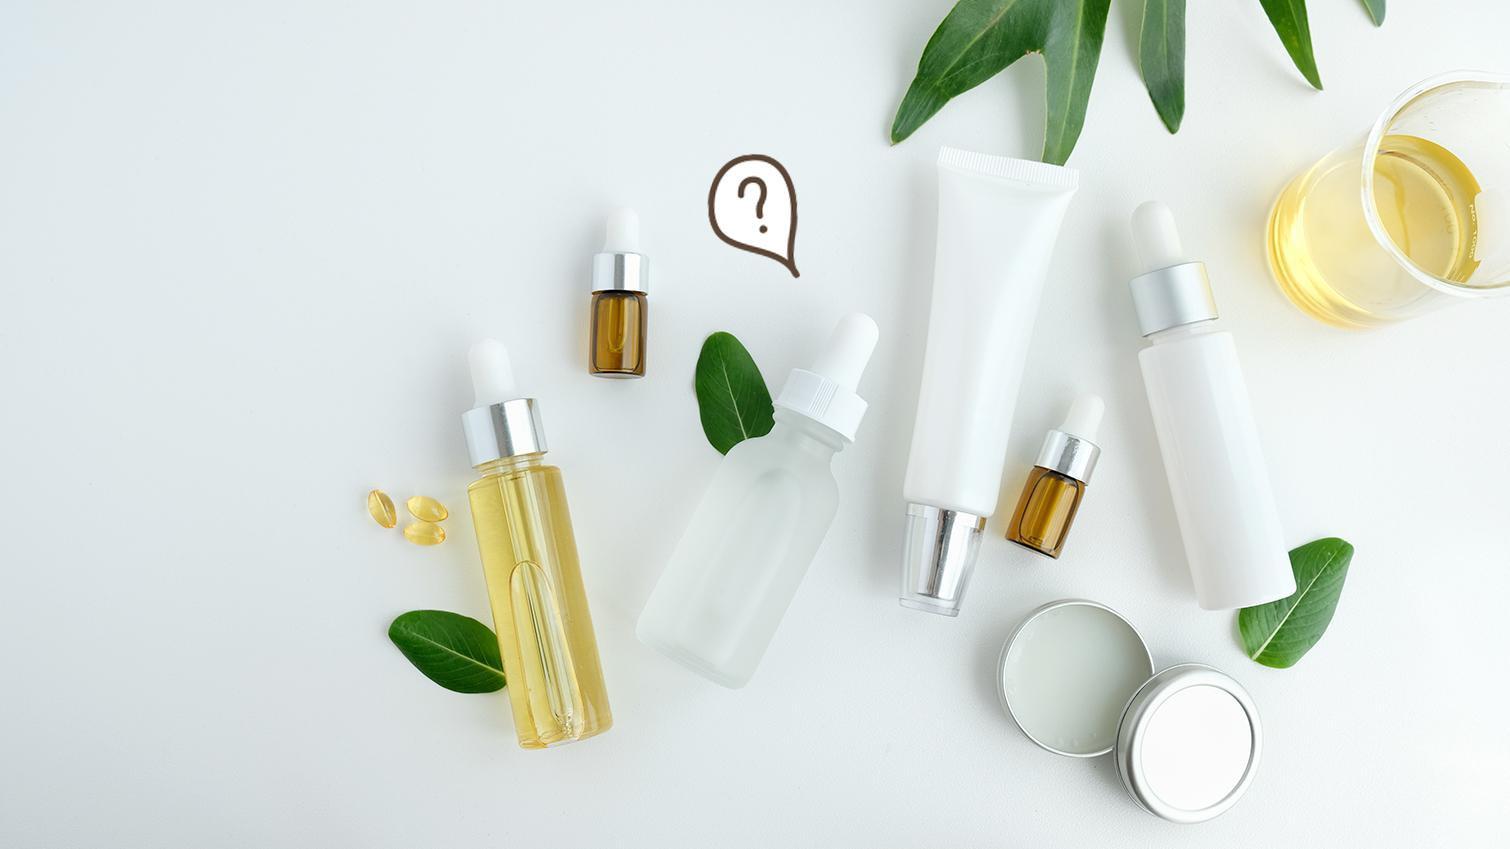 7 Jenis Kosmetik dan Skin Care yang Harus Dihindari Selama Menyusui